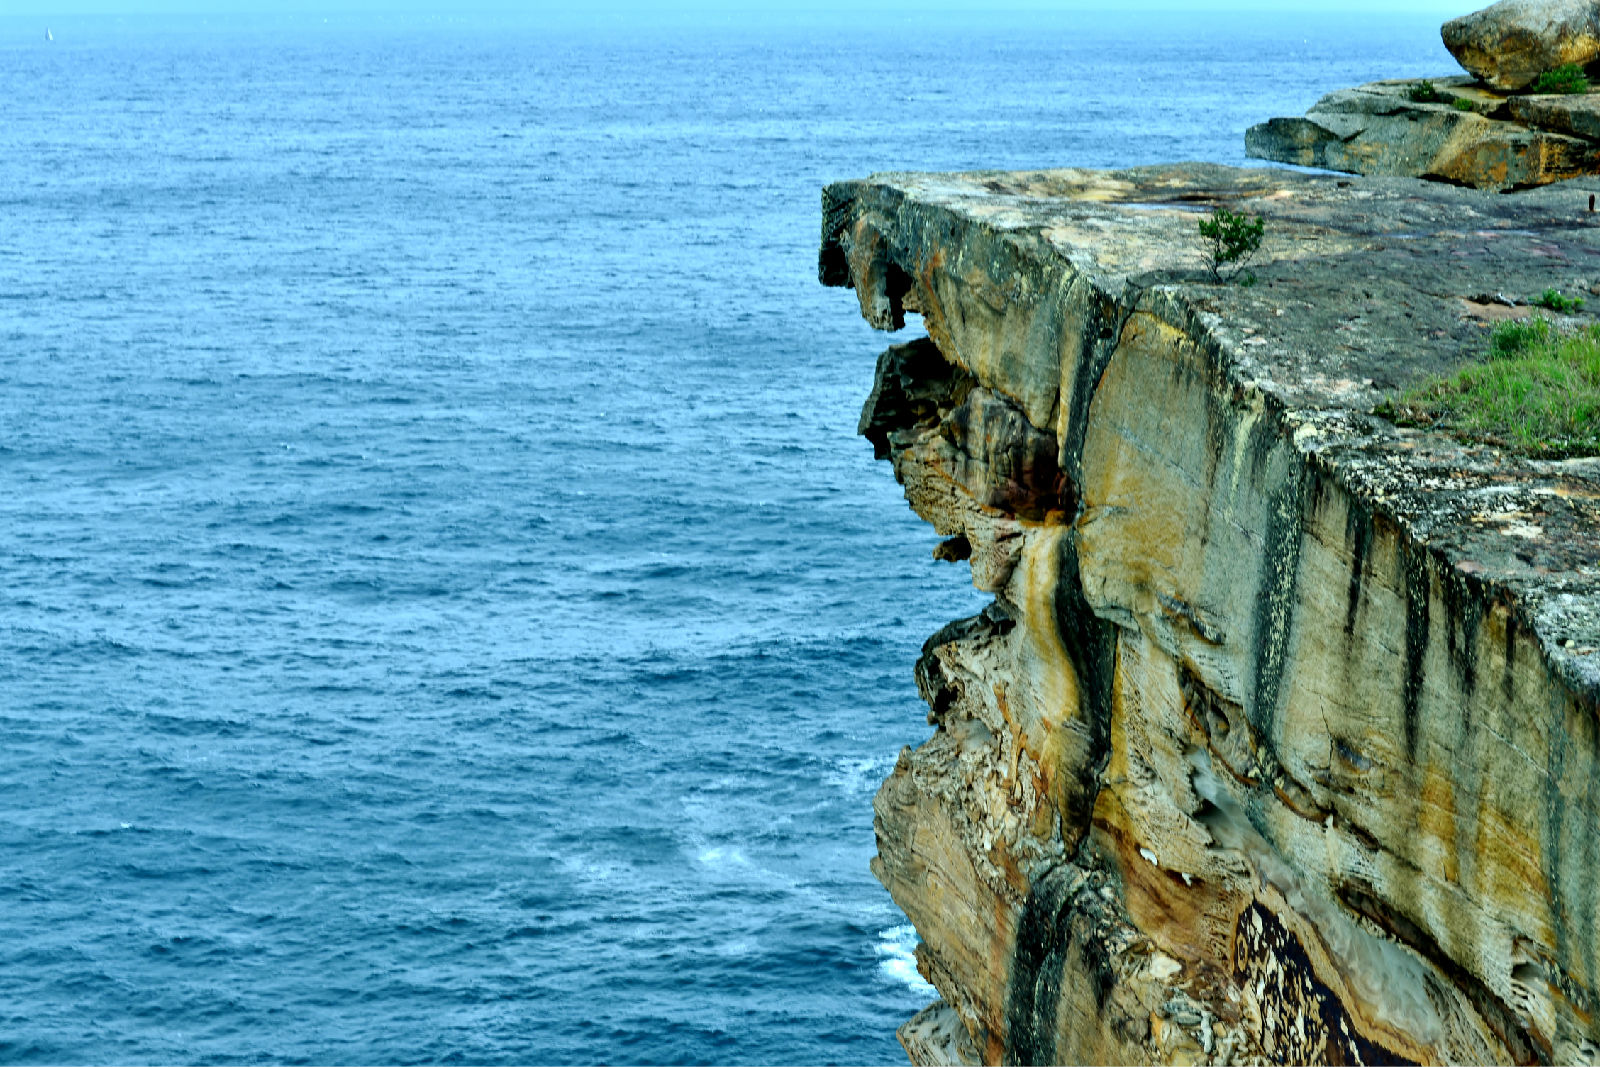 澳大利亚旅游攻略图片342